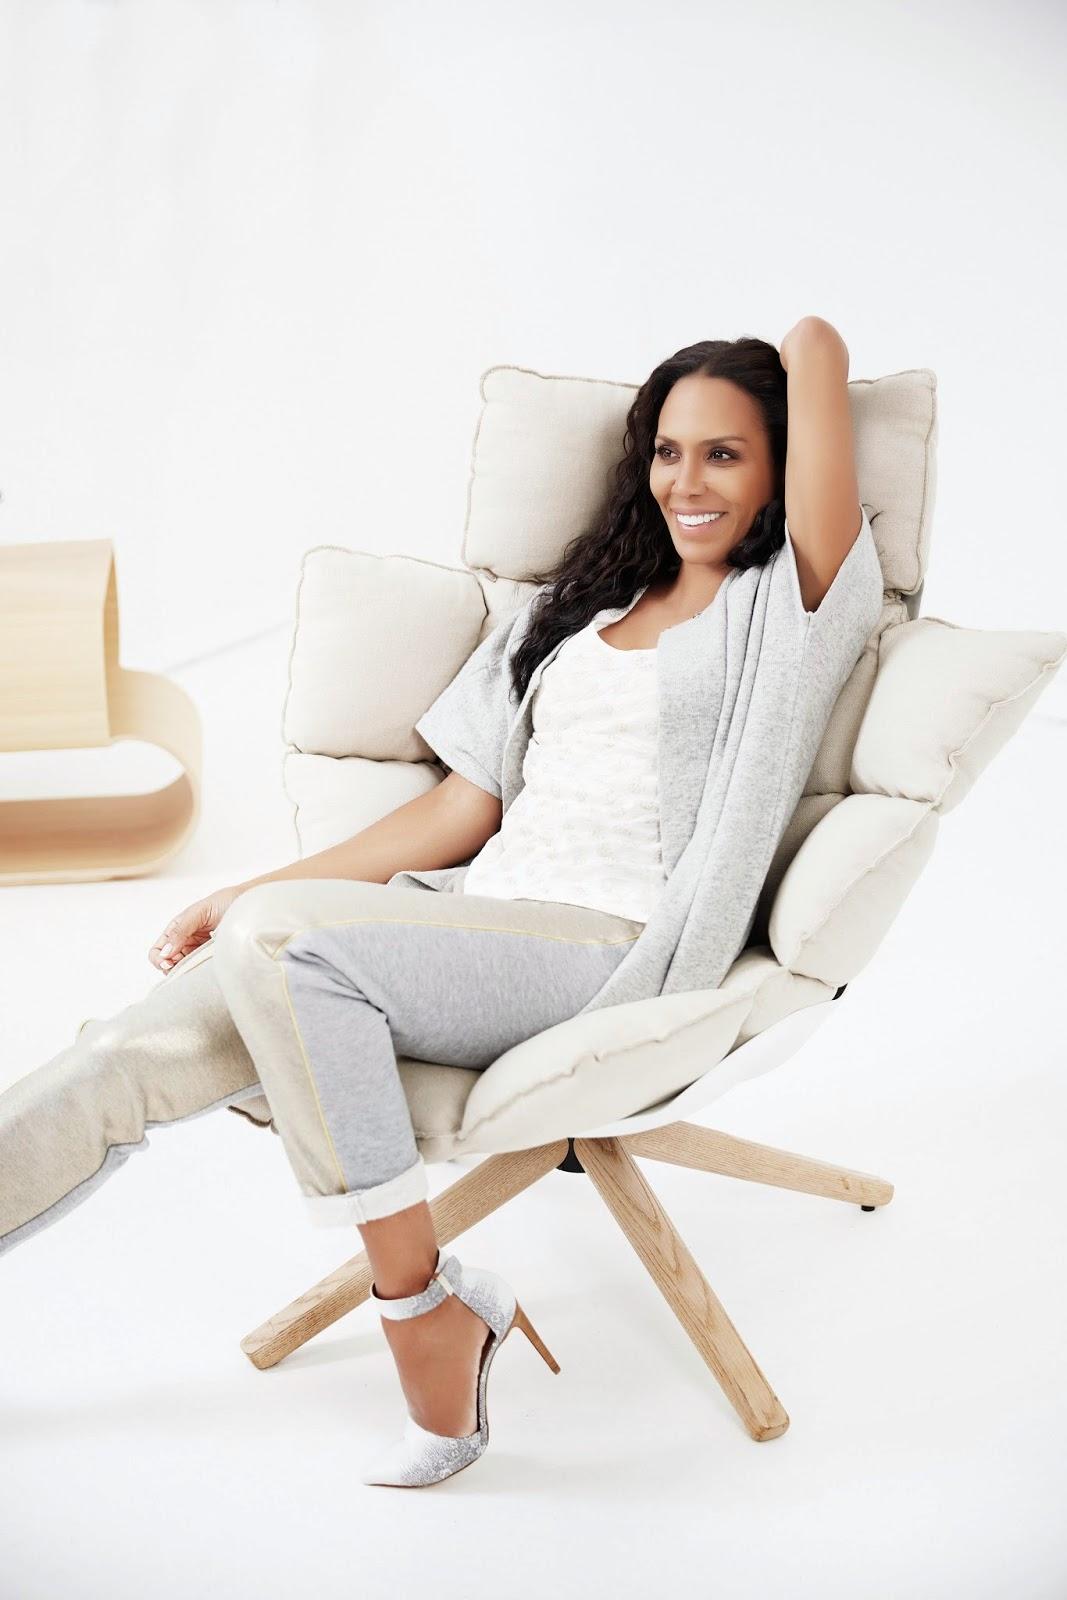 laurus fashiontipps barbara becker modekollektion herbst winter 2015 16 erneut stehen. Black Bedroom Furniture Sets. Home Design Ideas